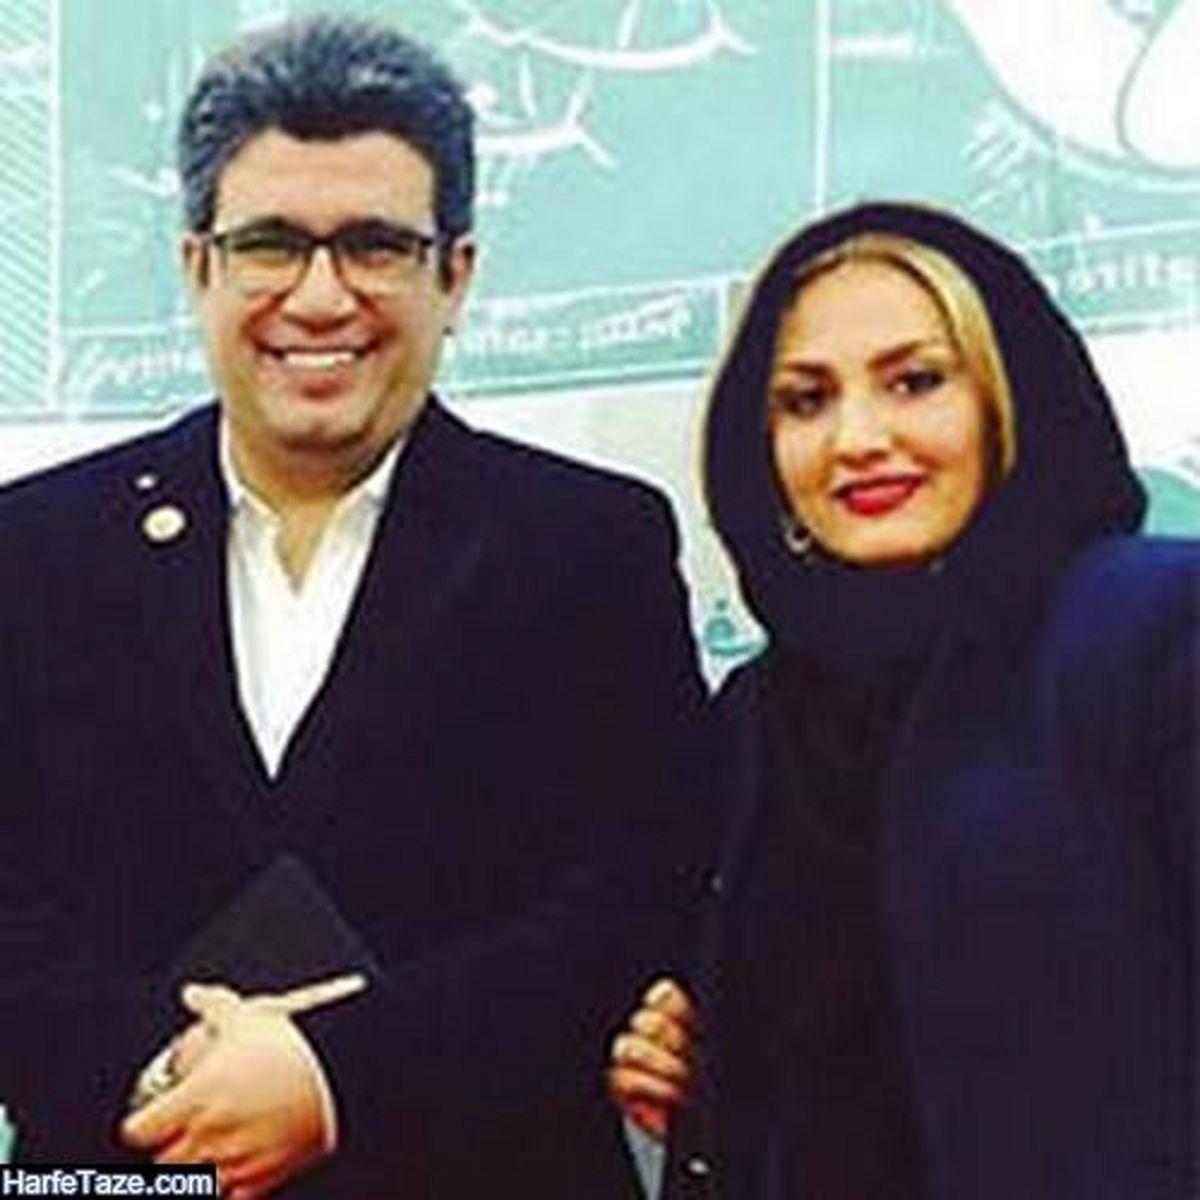 رضا رشیدپور و همسر فشن و مو بلوندش +عکس